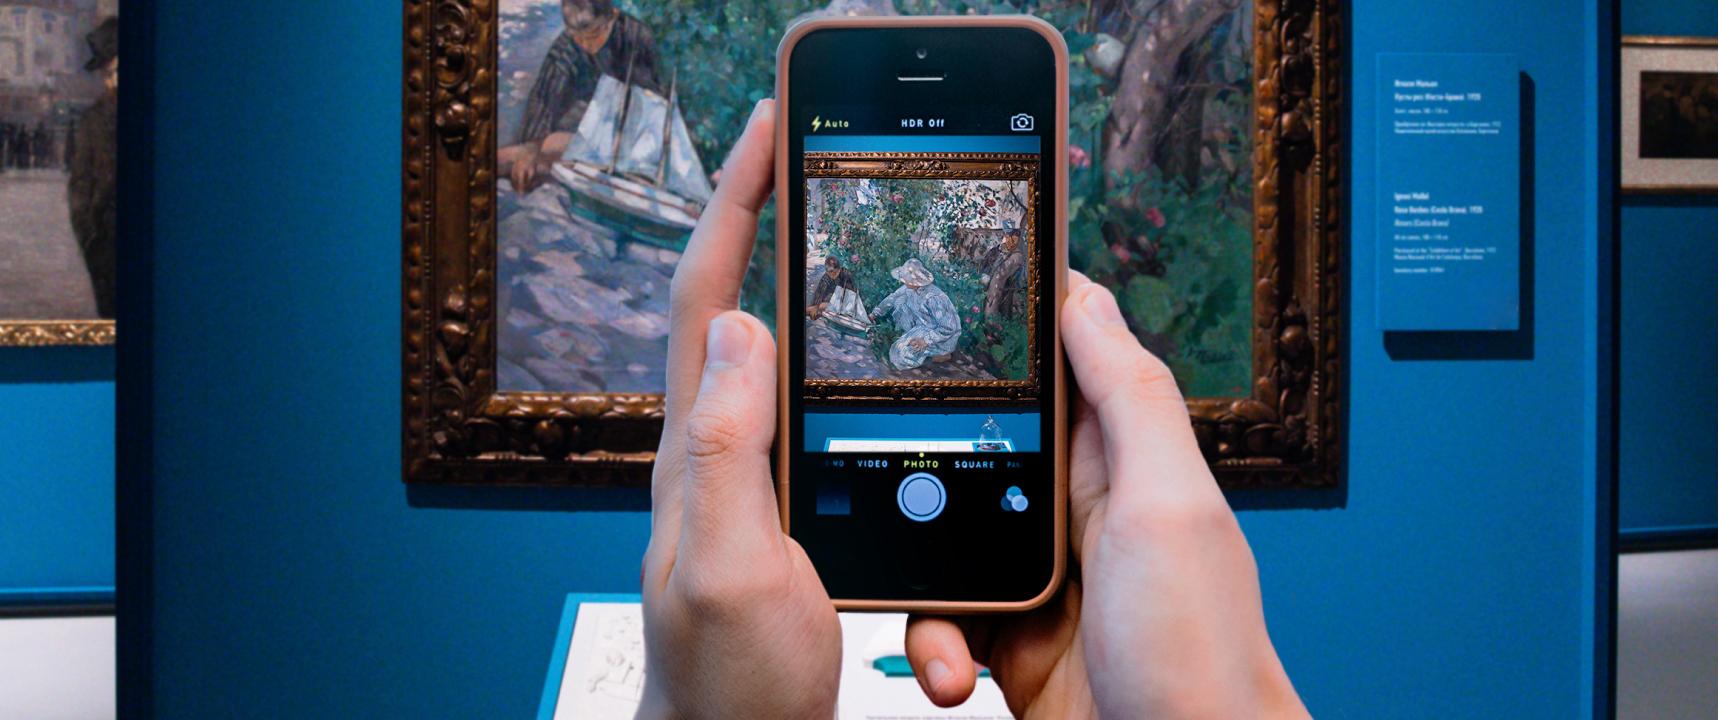 «Instagram-экскурсия» для подростков 13-16 лет